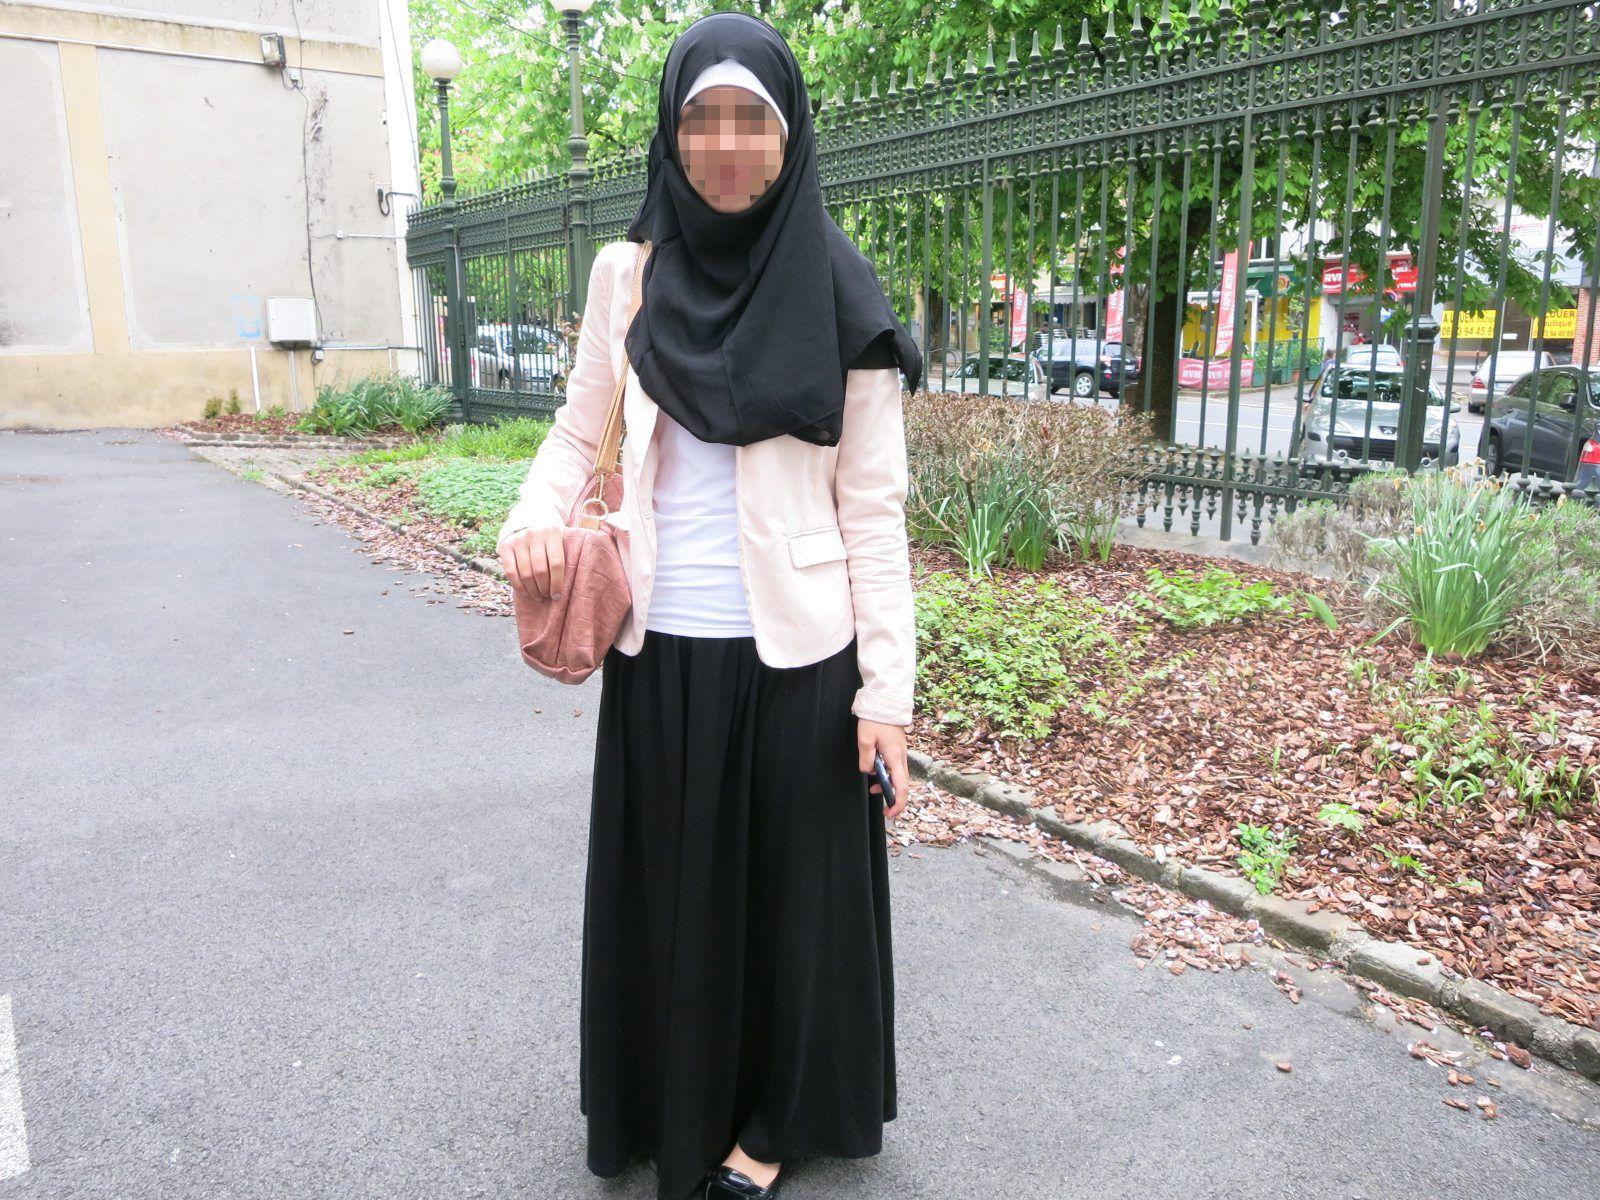 velo islámicola Después del islámicola Después falda falda del velo Después kXOuTPZi